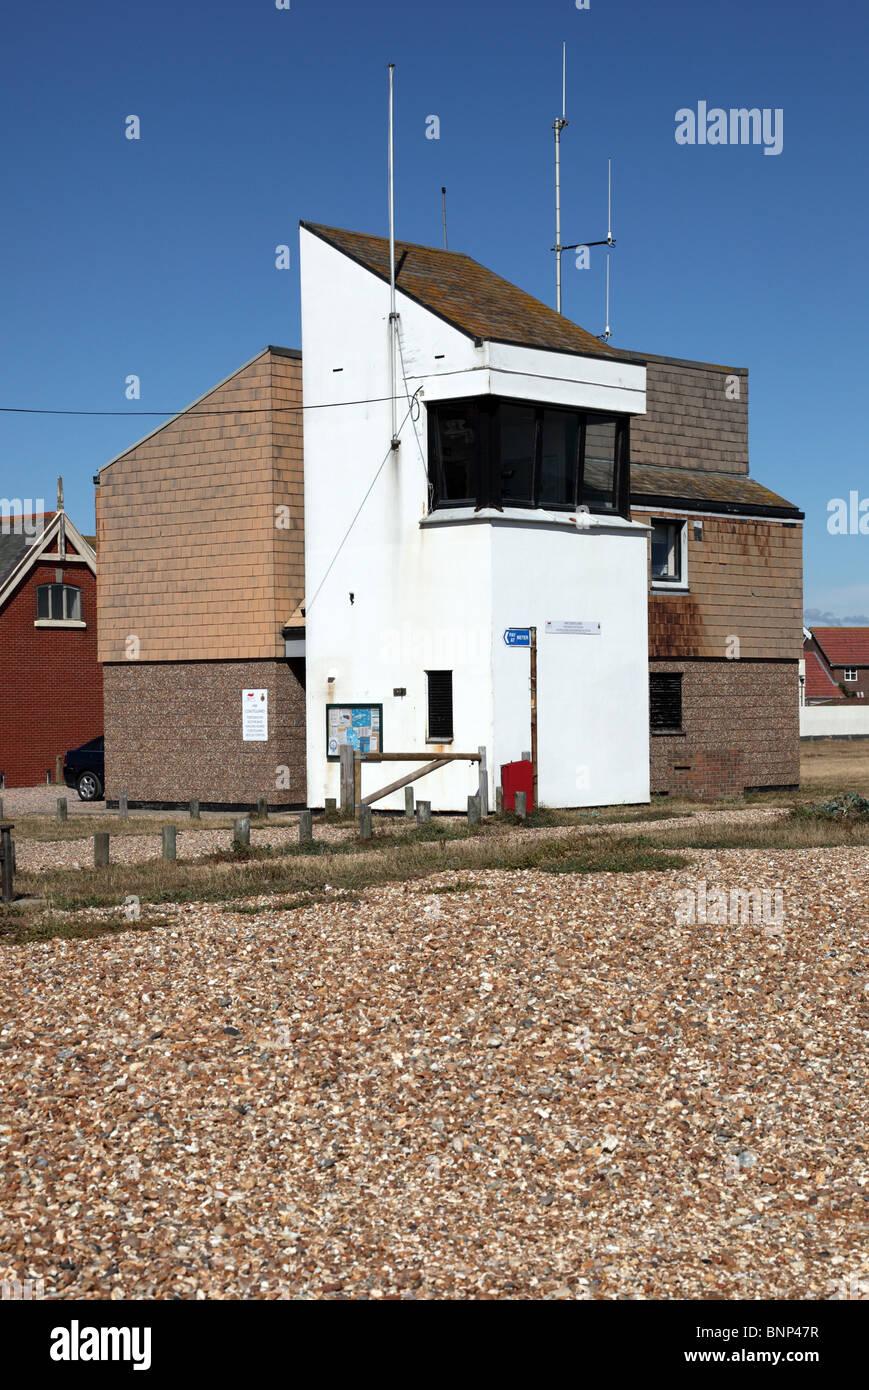 Hayling Island Coastguard Station